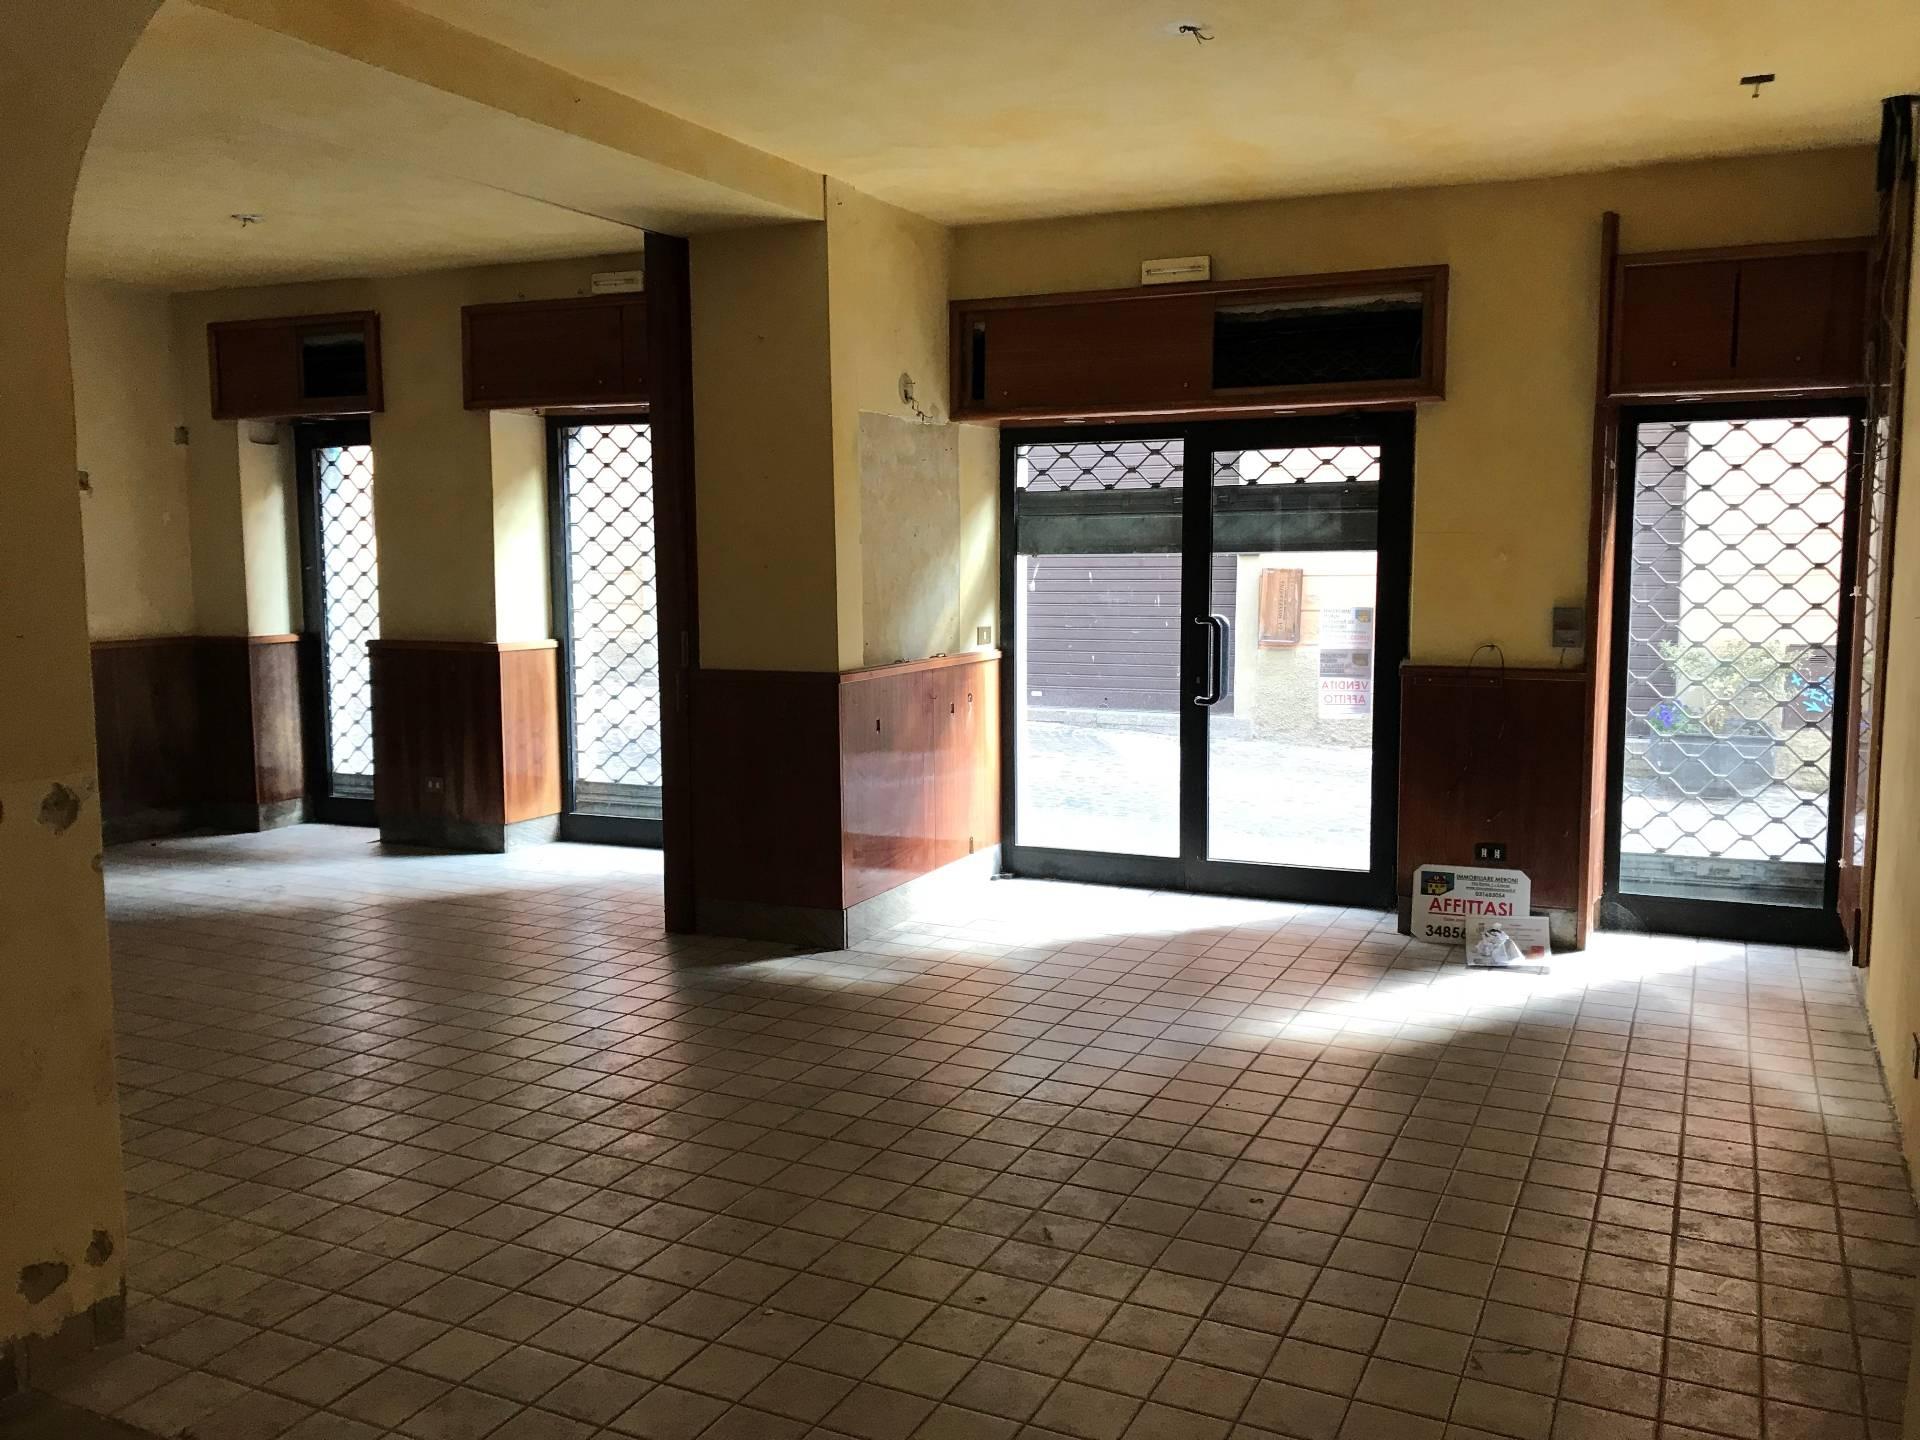 Negozio / Locale in affitto a Asso, 9999 locali, prezzo € 80.000 | PortaleAgenzieImmobiliari.it